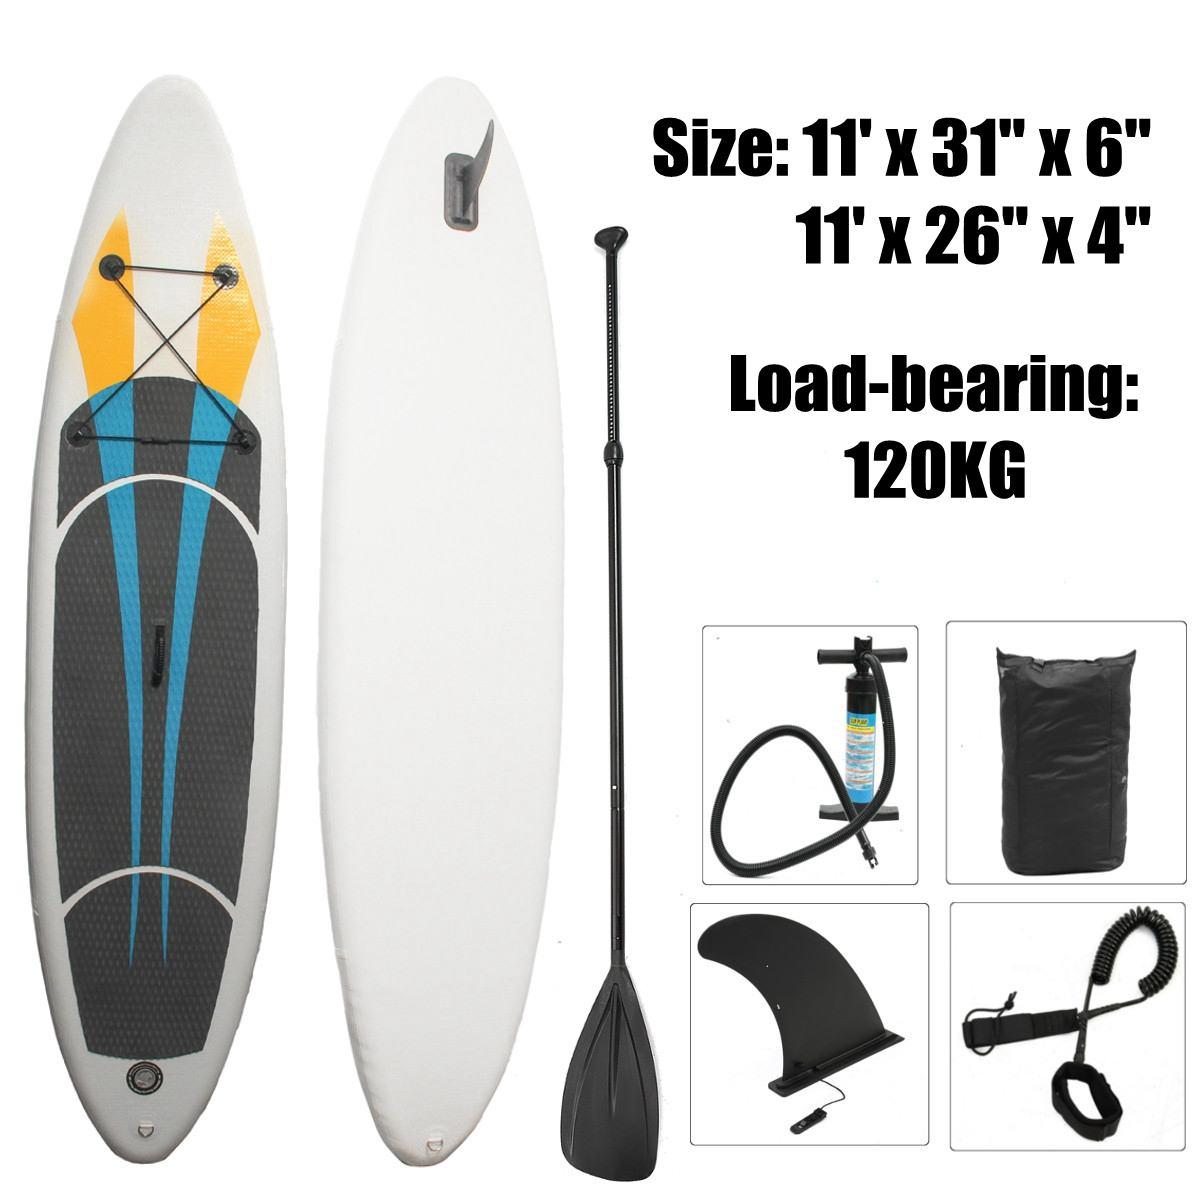 3 M X 0.65 M X 0.1 M/3.3 M X 0.76 M X 0.15 M 10FT SUP planche de surf gonflable Kits planche de surf souple Stand Up Paddle Board avec 3 aileron